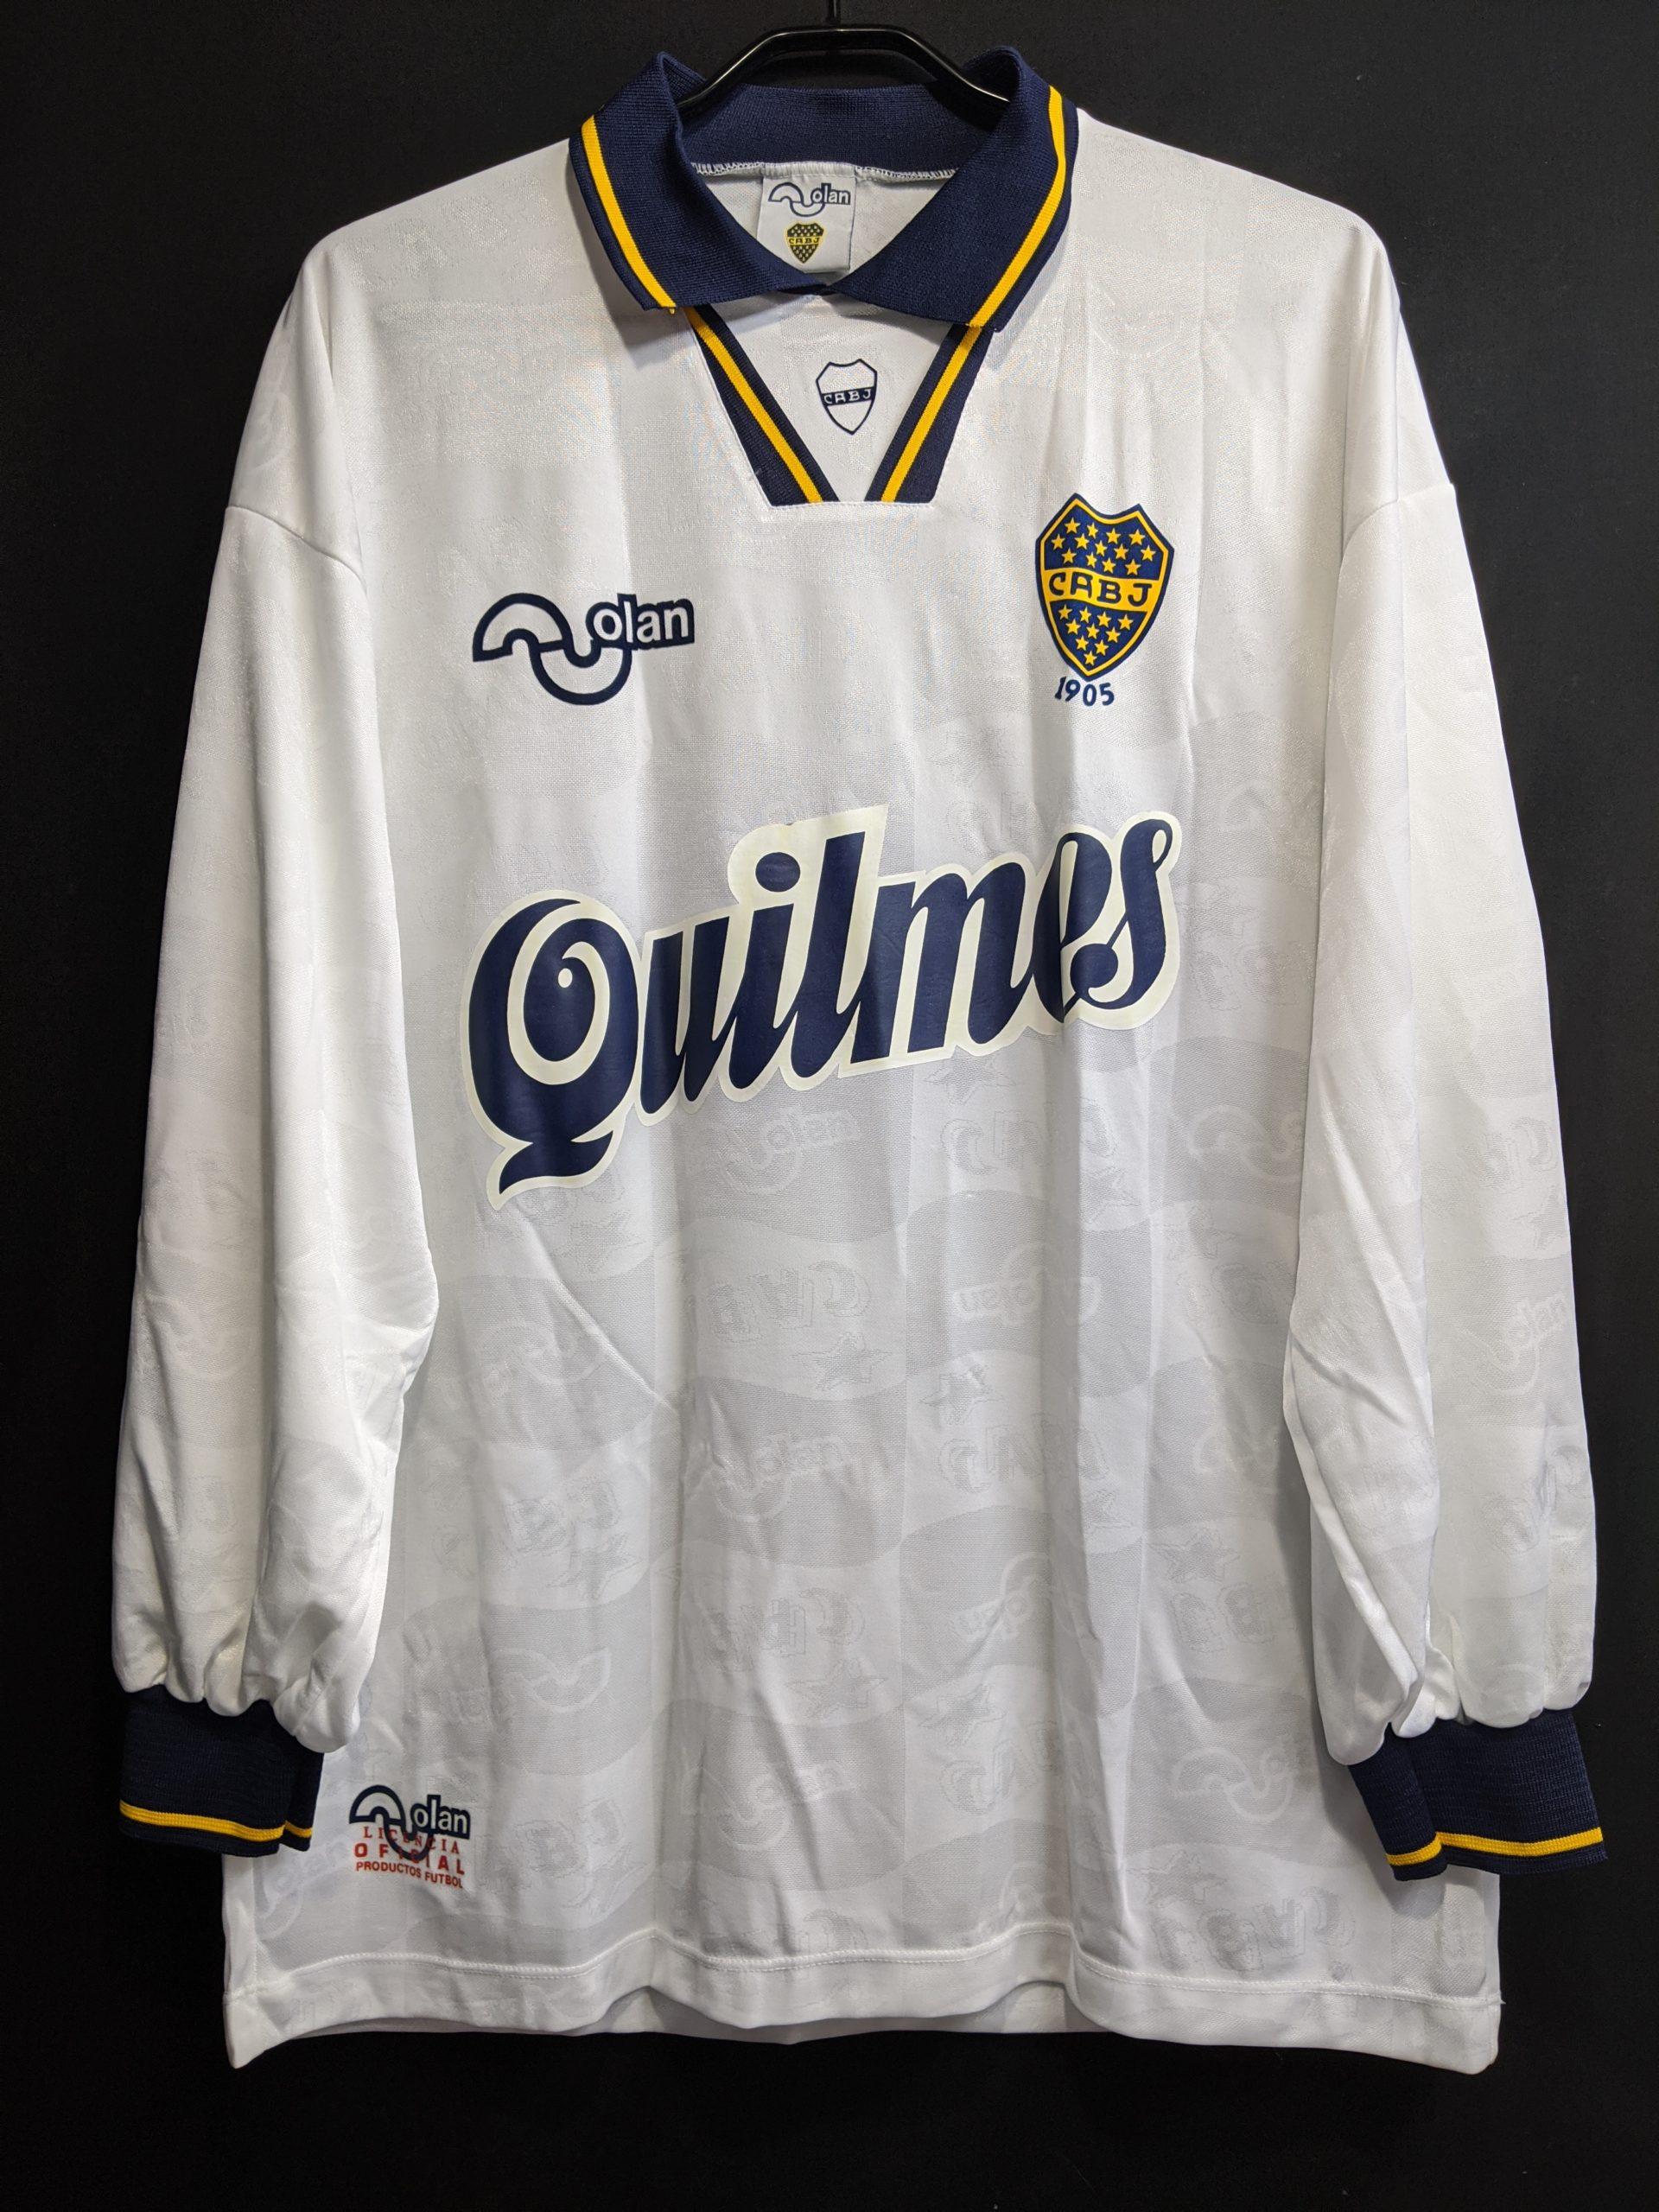 1995-96ボカ・ジュニアーズのユニフォーム